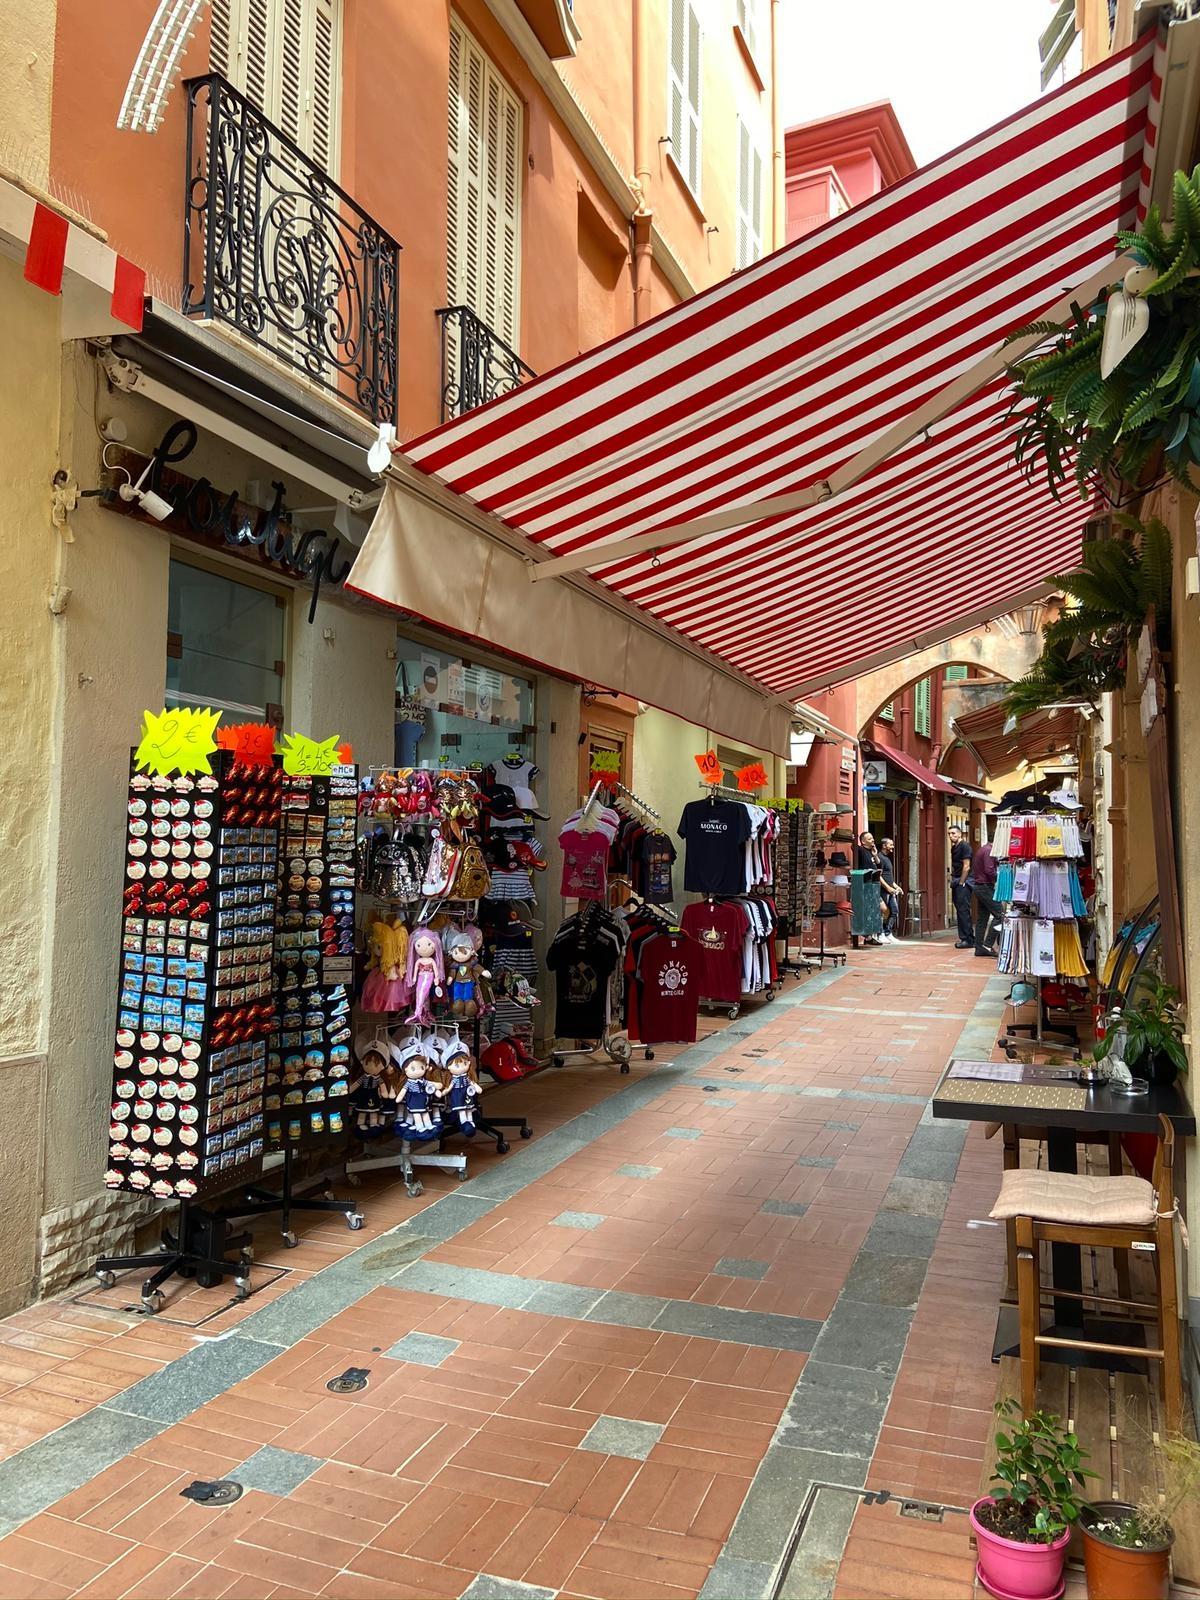 xX Fond de commerce - restaurant à Monaco-Ville Xx - Bureaux à vendre à Monaco